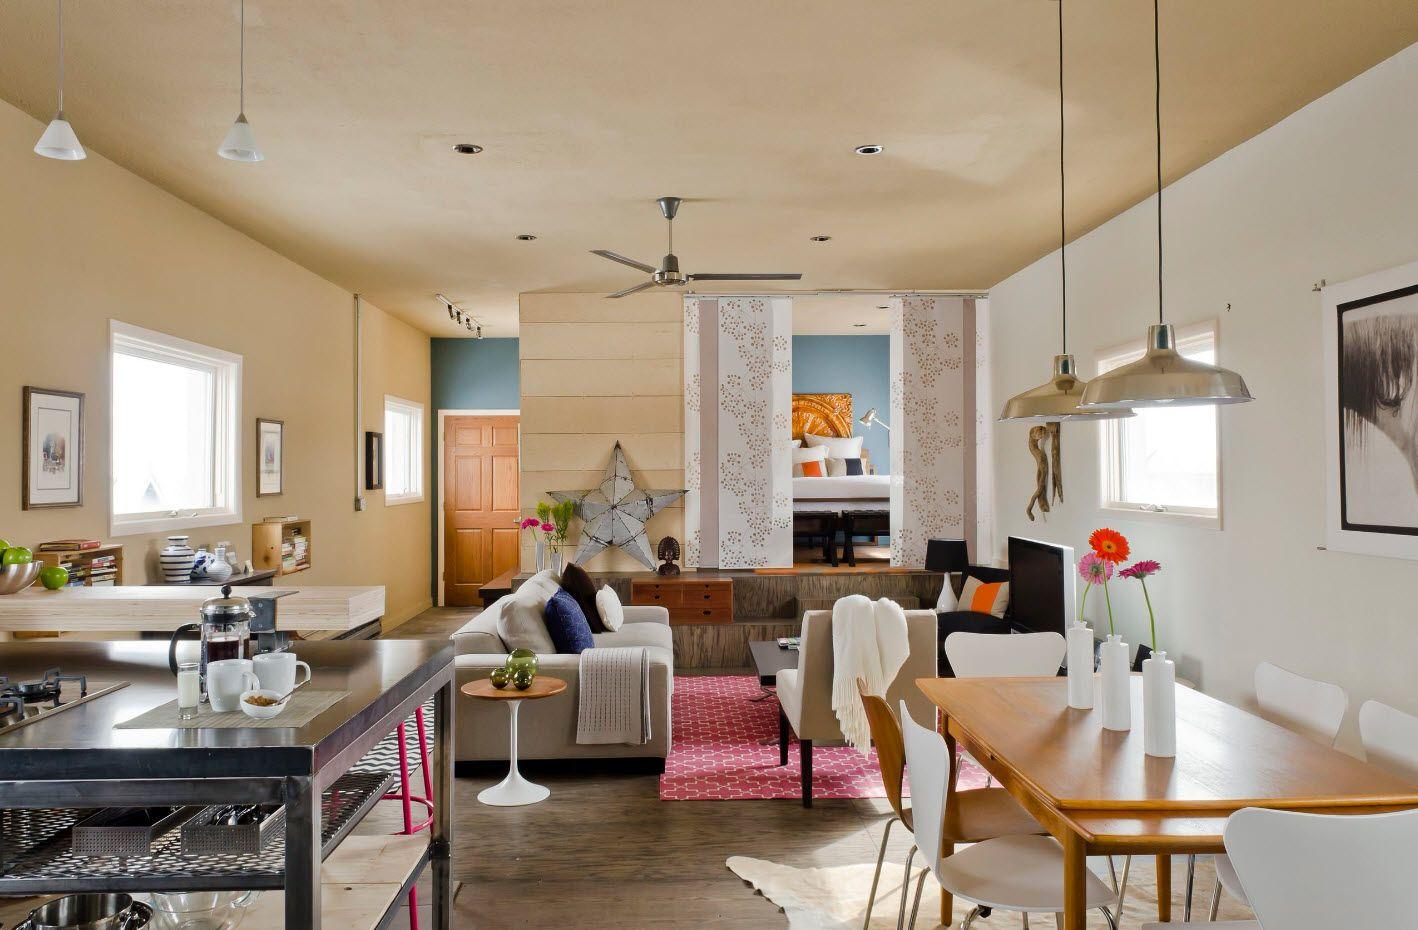 Modern interior set